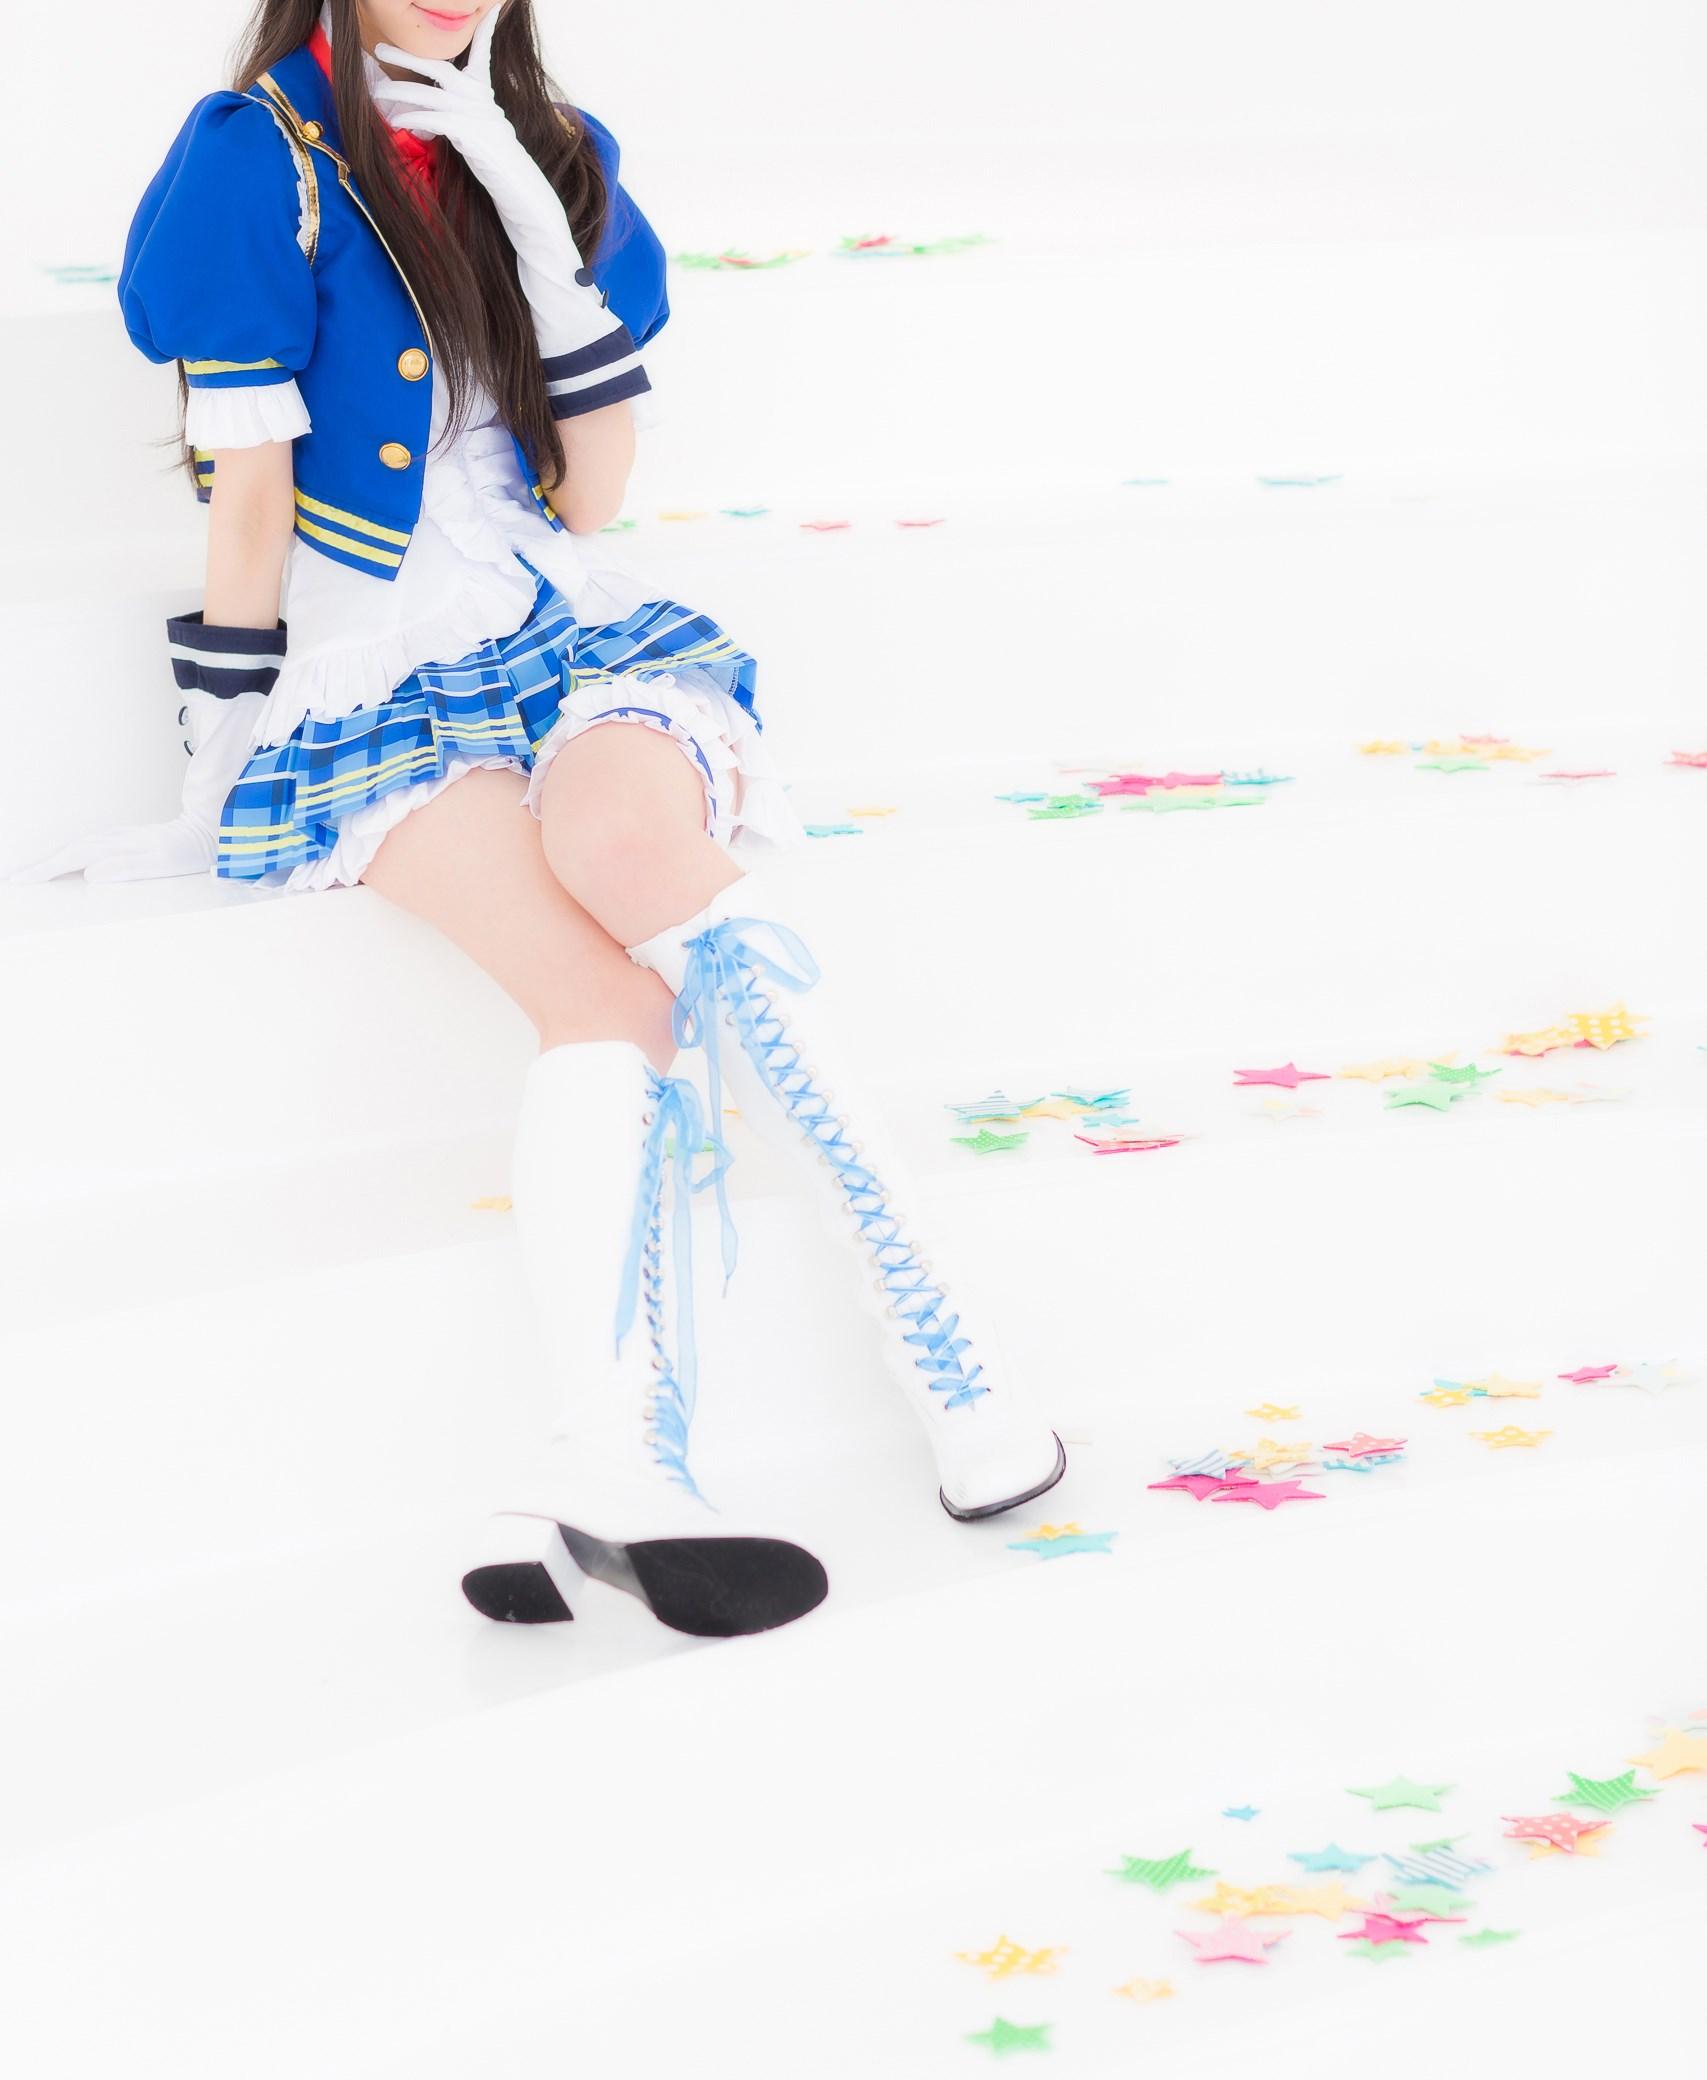 【兔玩映画】少女制服爱豆 兔玩映画 第45张